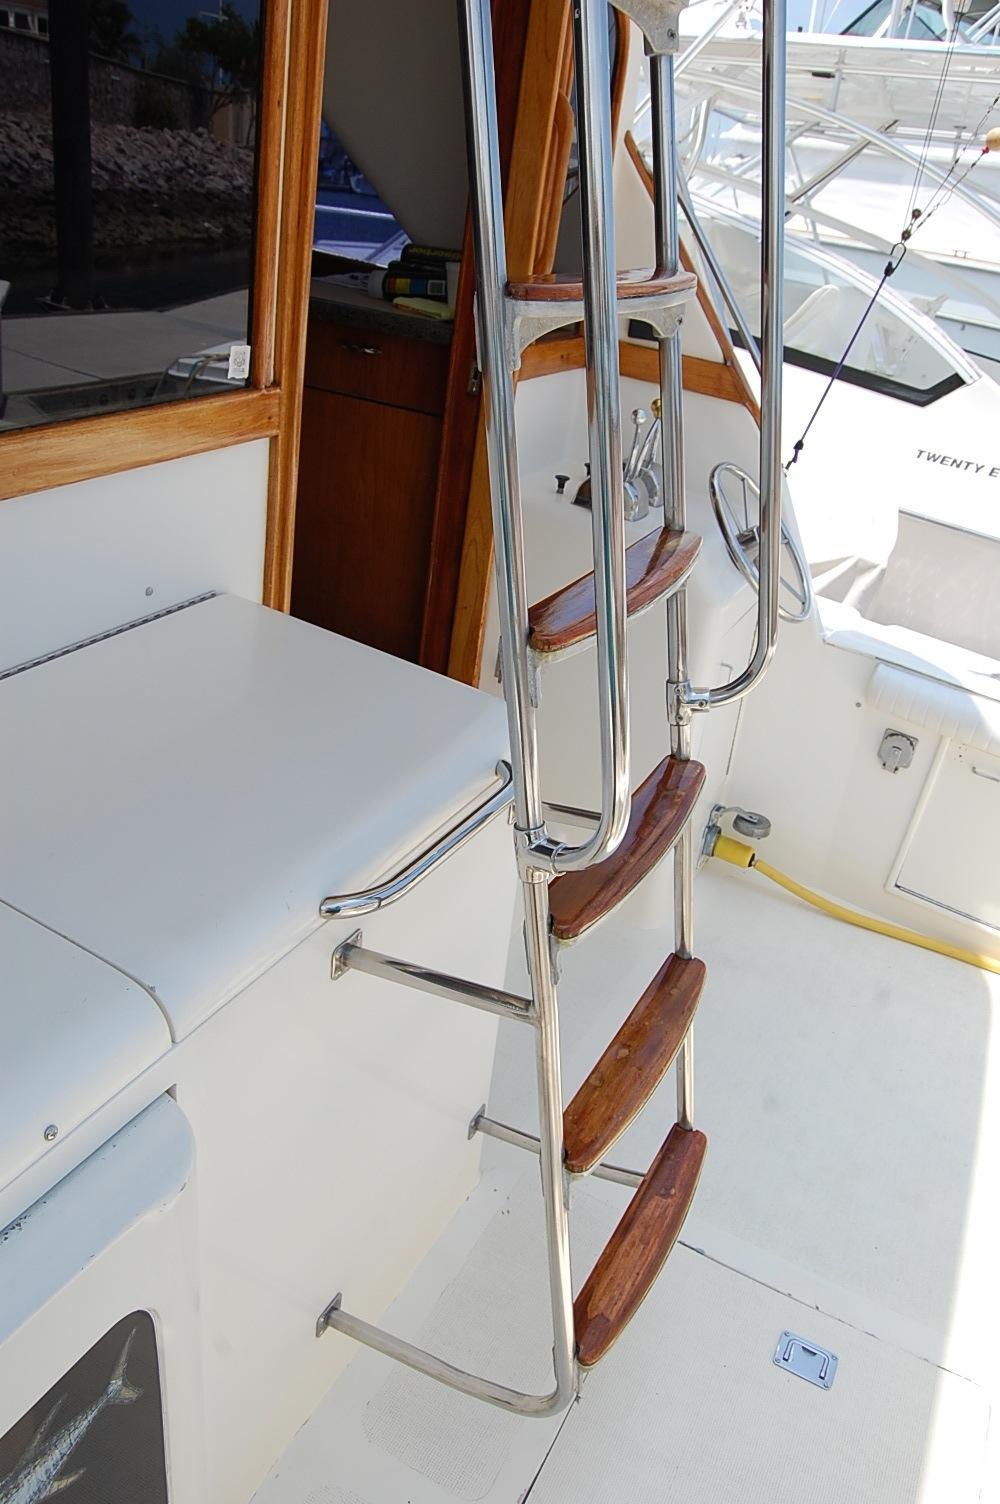 48' Ocean Yachts Super Sport+Aft wash hose station fish Door